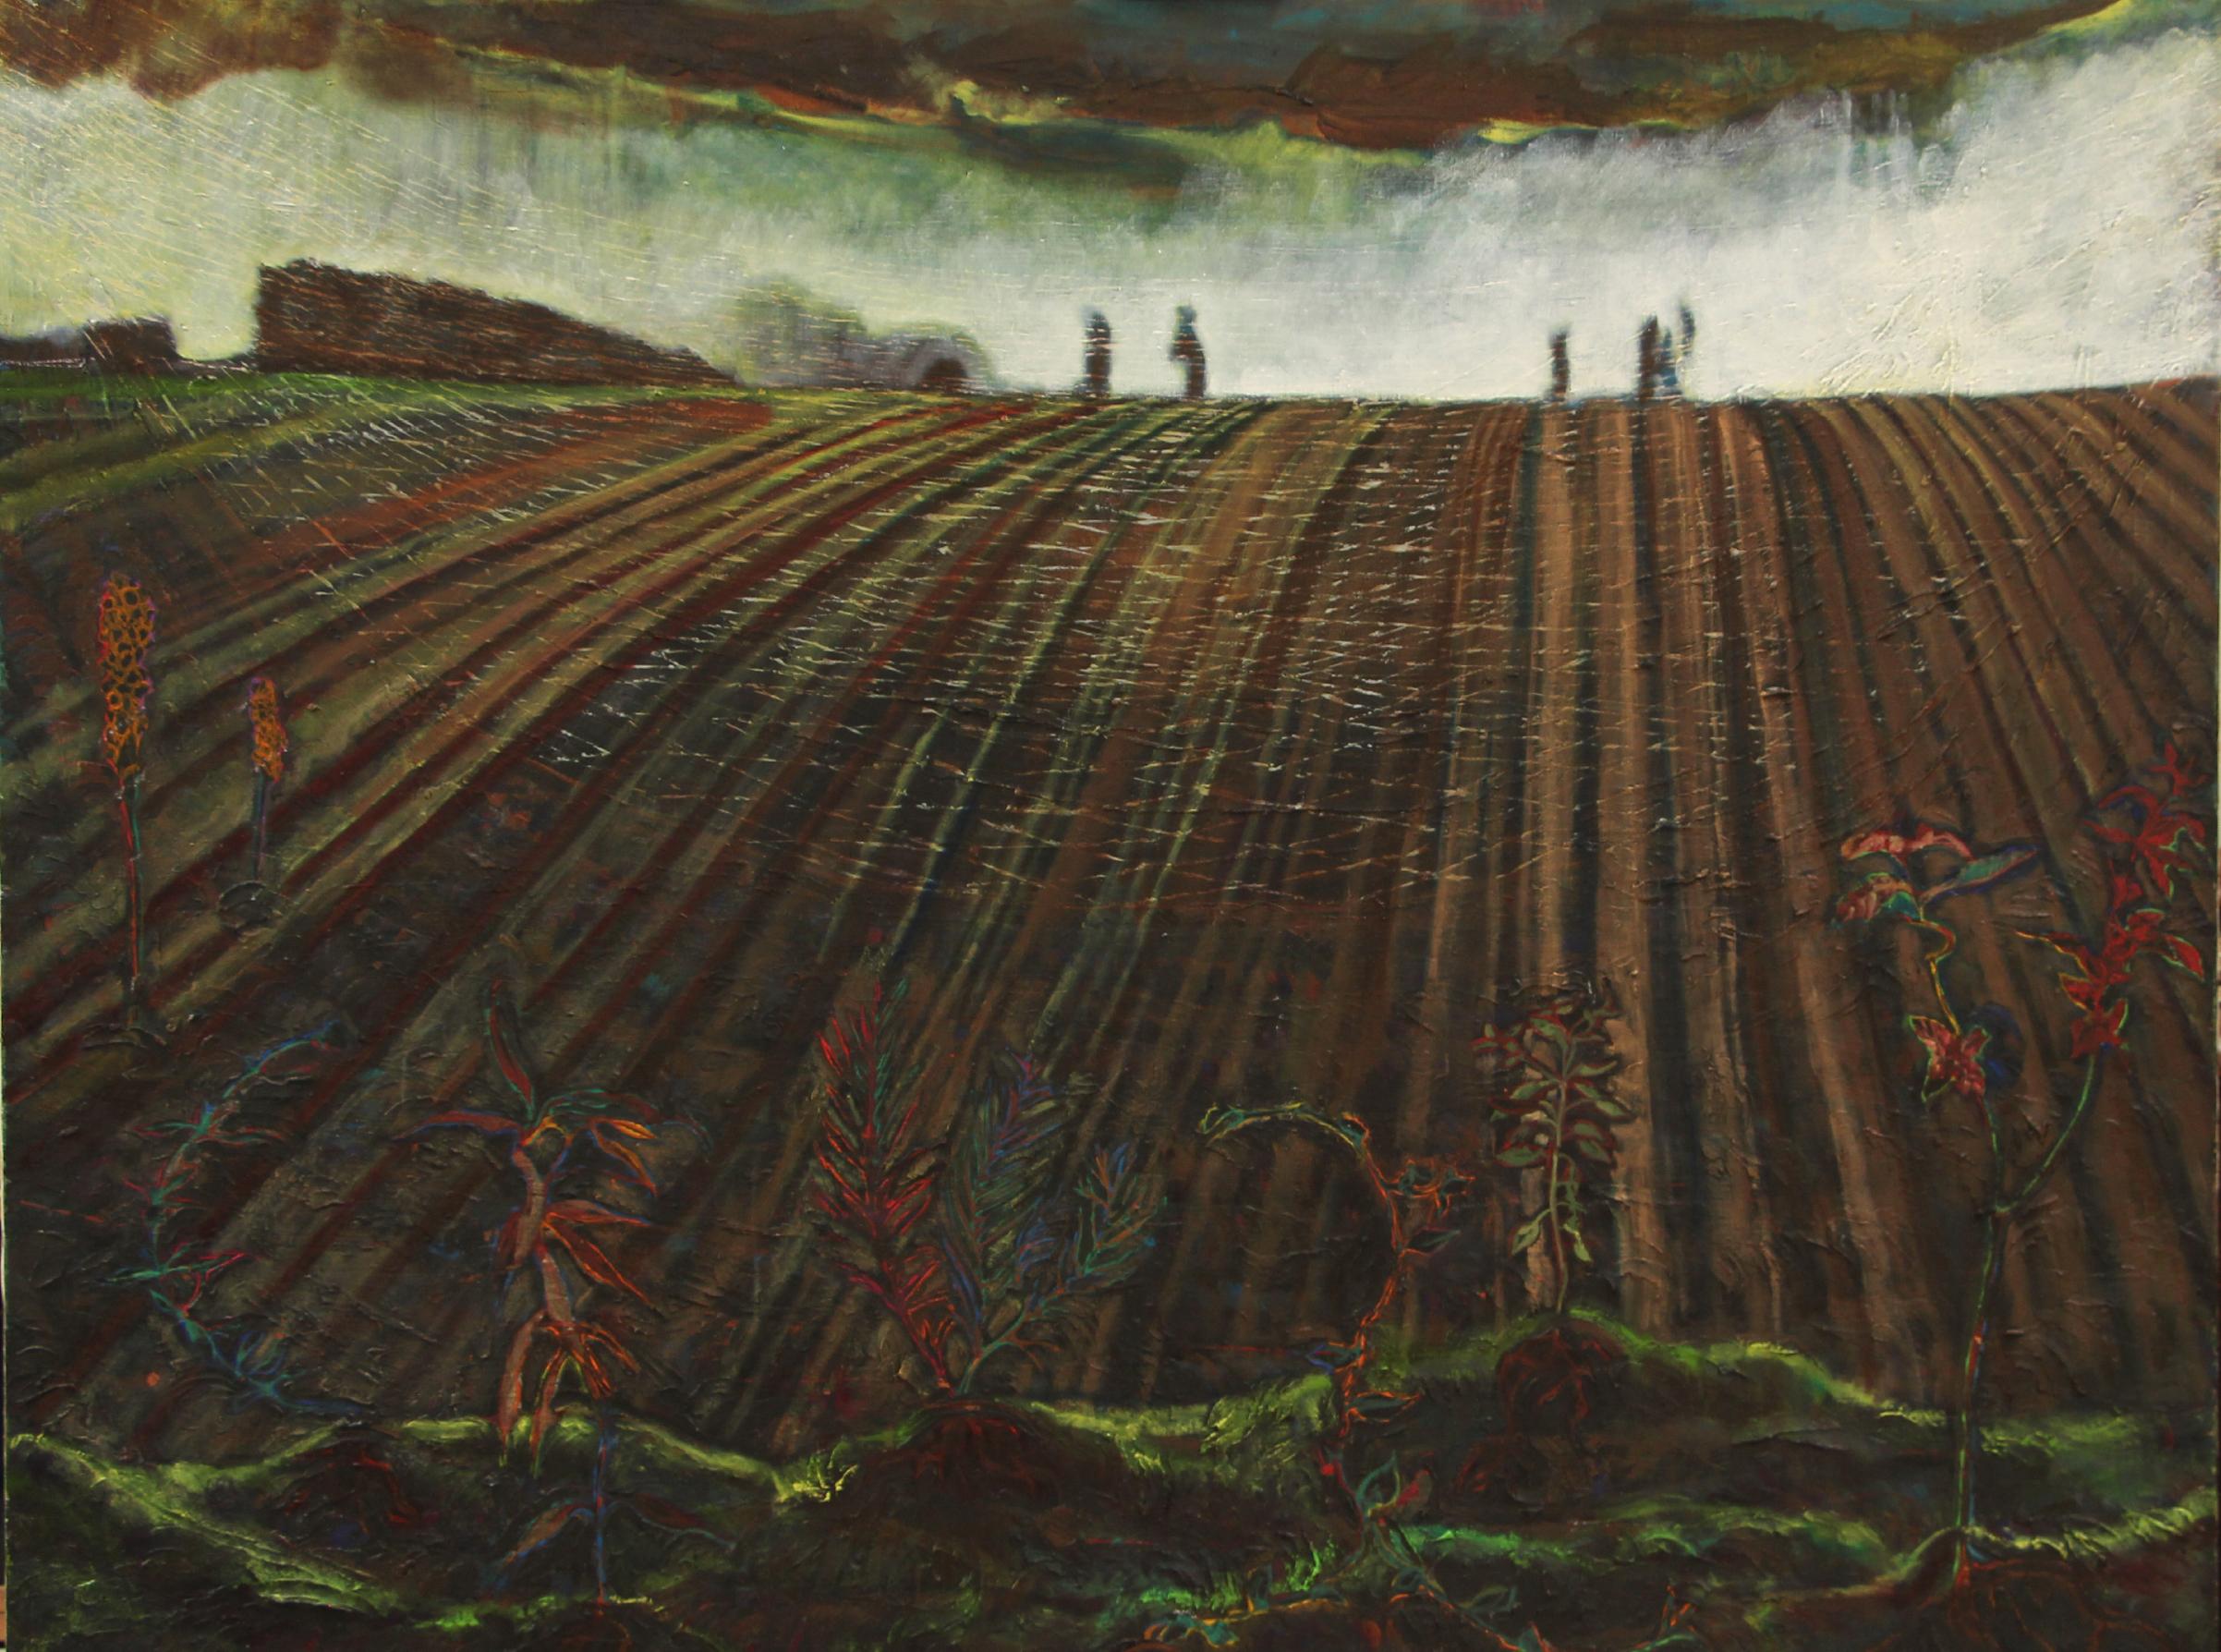 Lettuce pickers 1520mm x 1210mm.ps.jpg